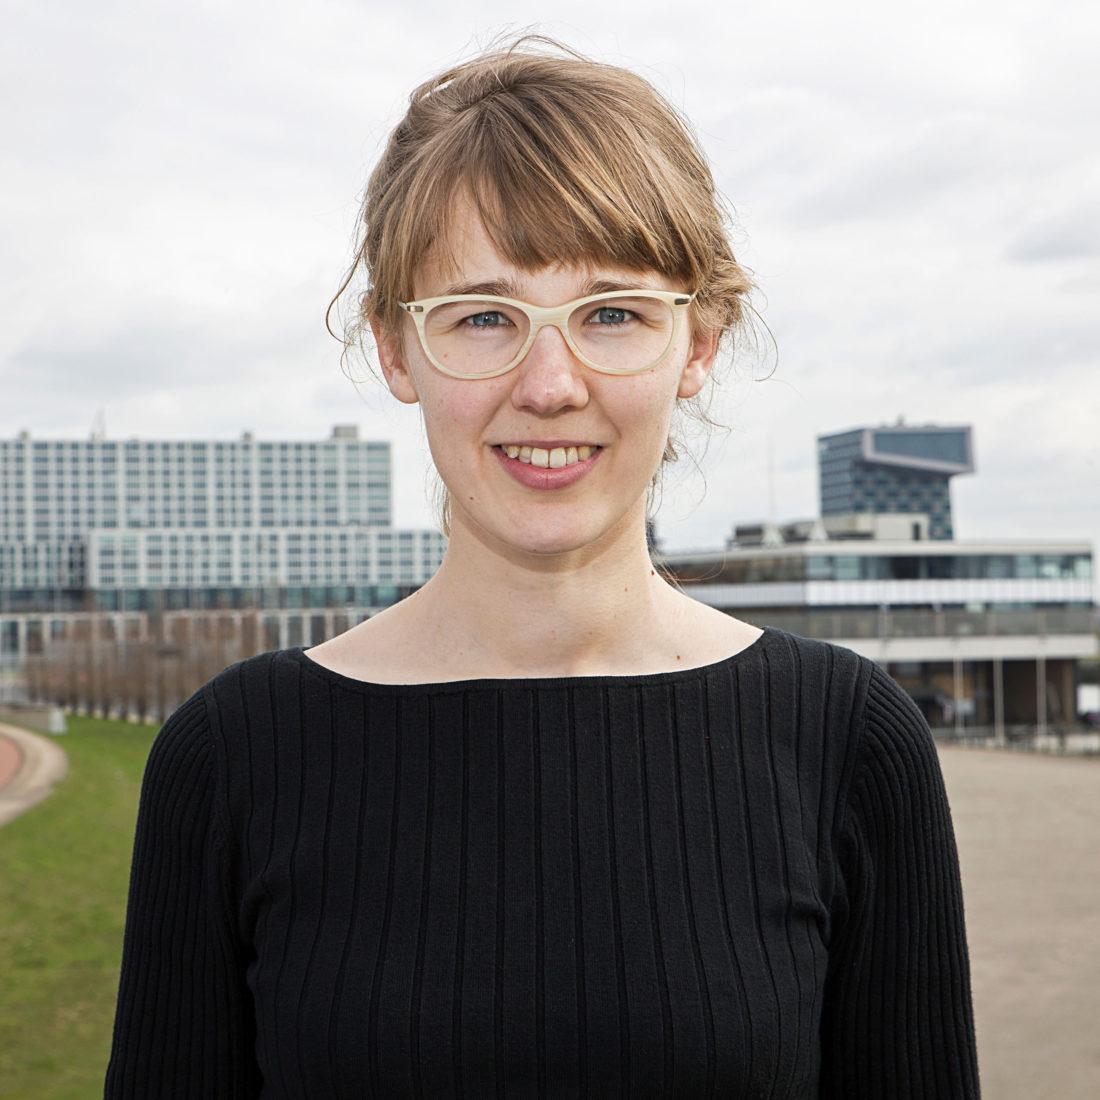 Hedwig van der Linden